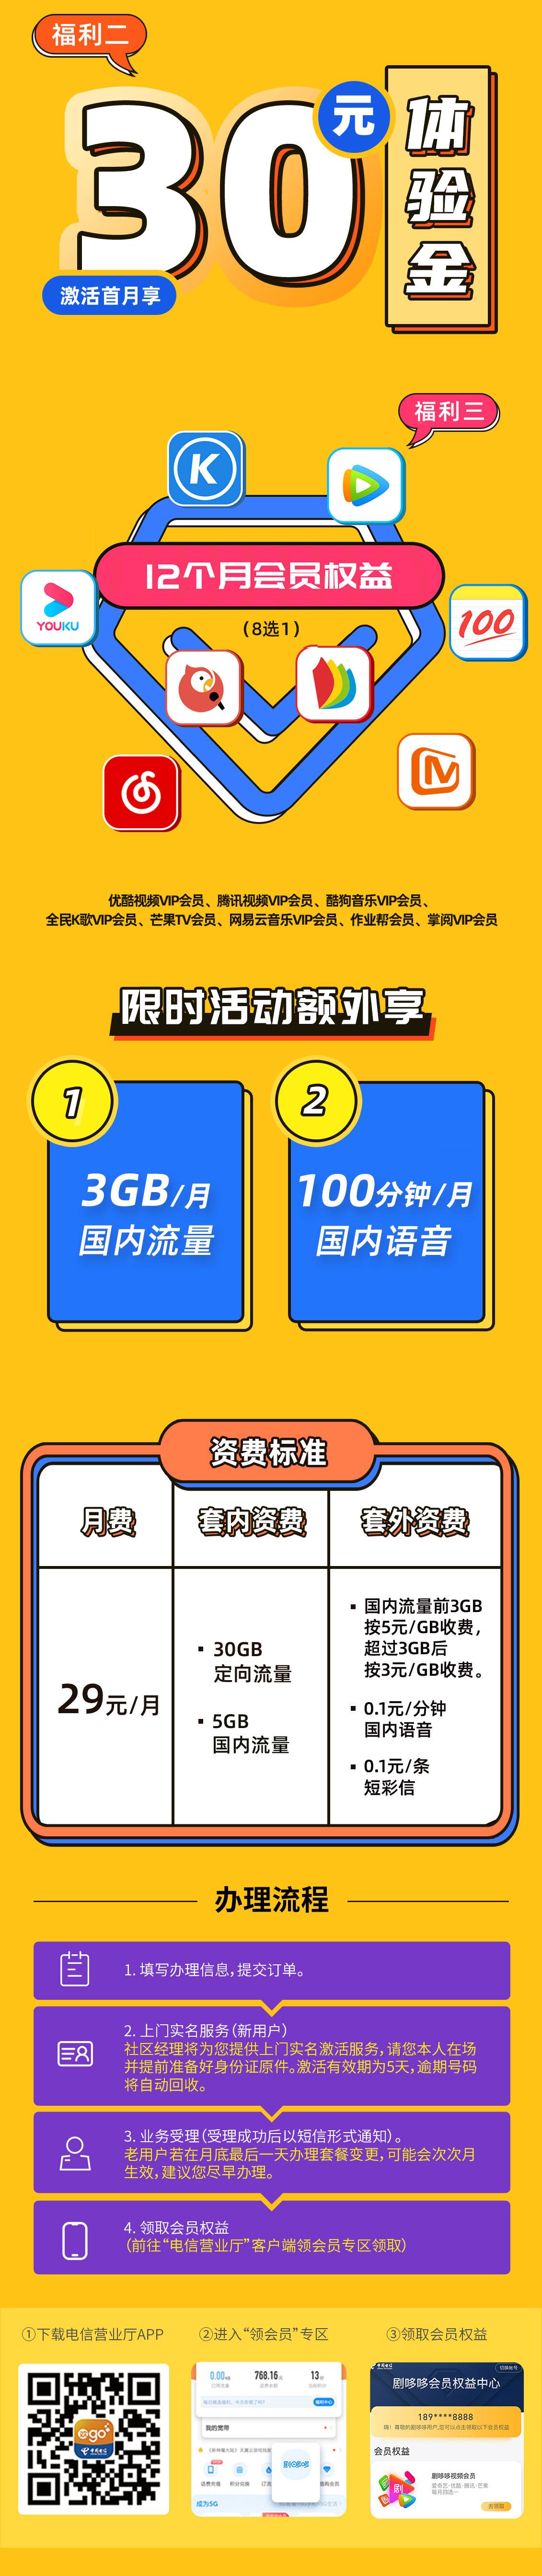 29元星卡畅玩版新用户修改-2021.4_02.jpg